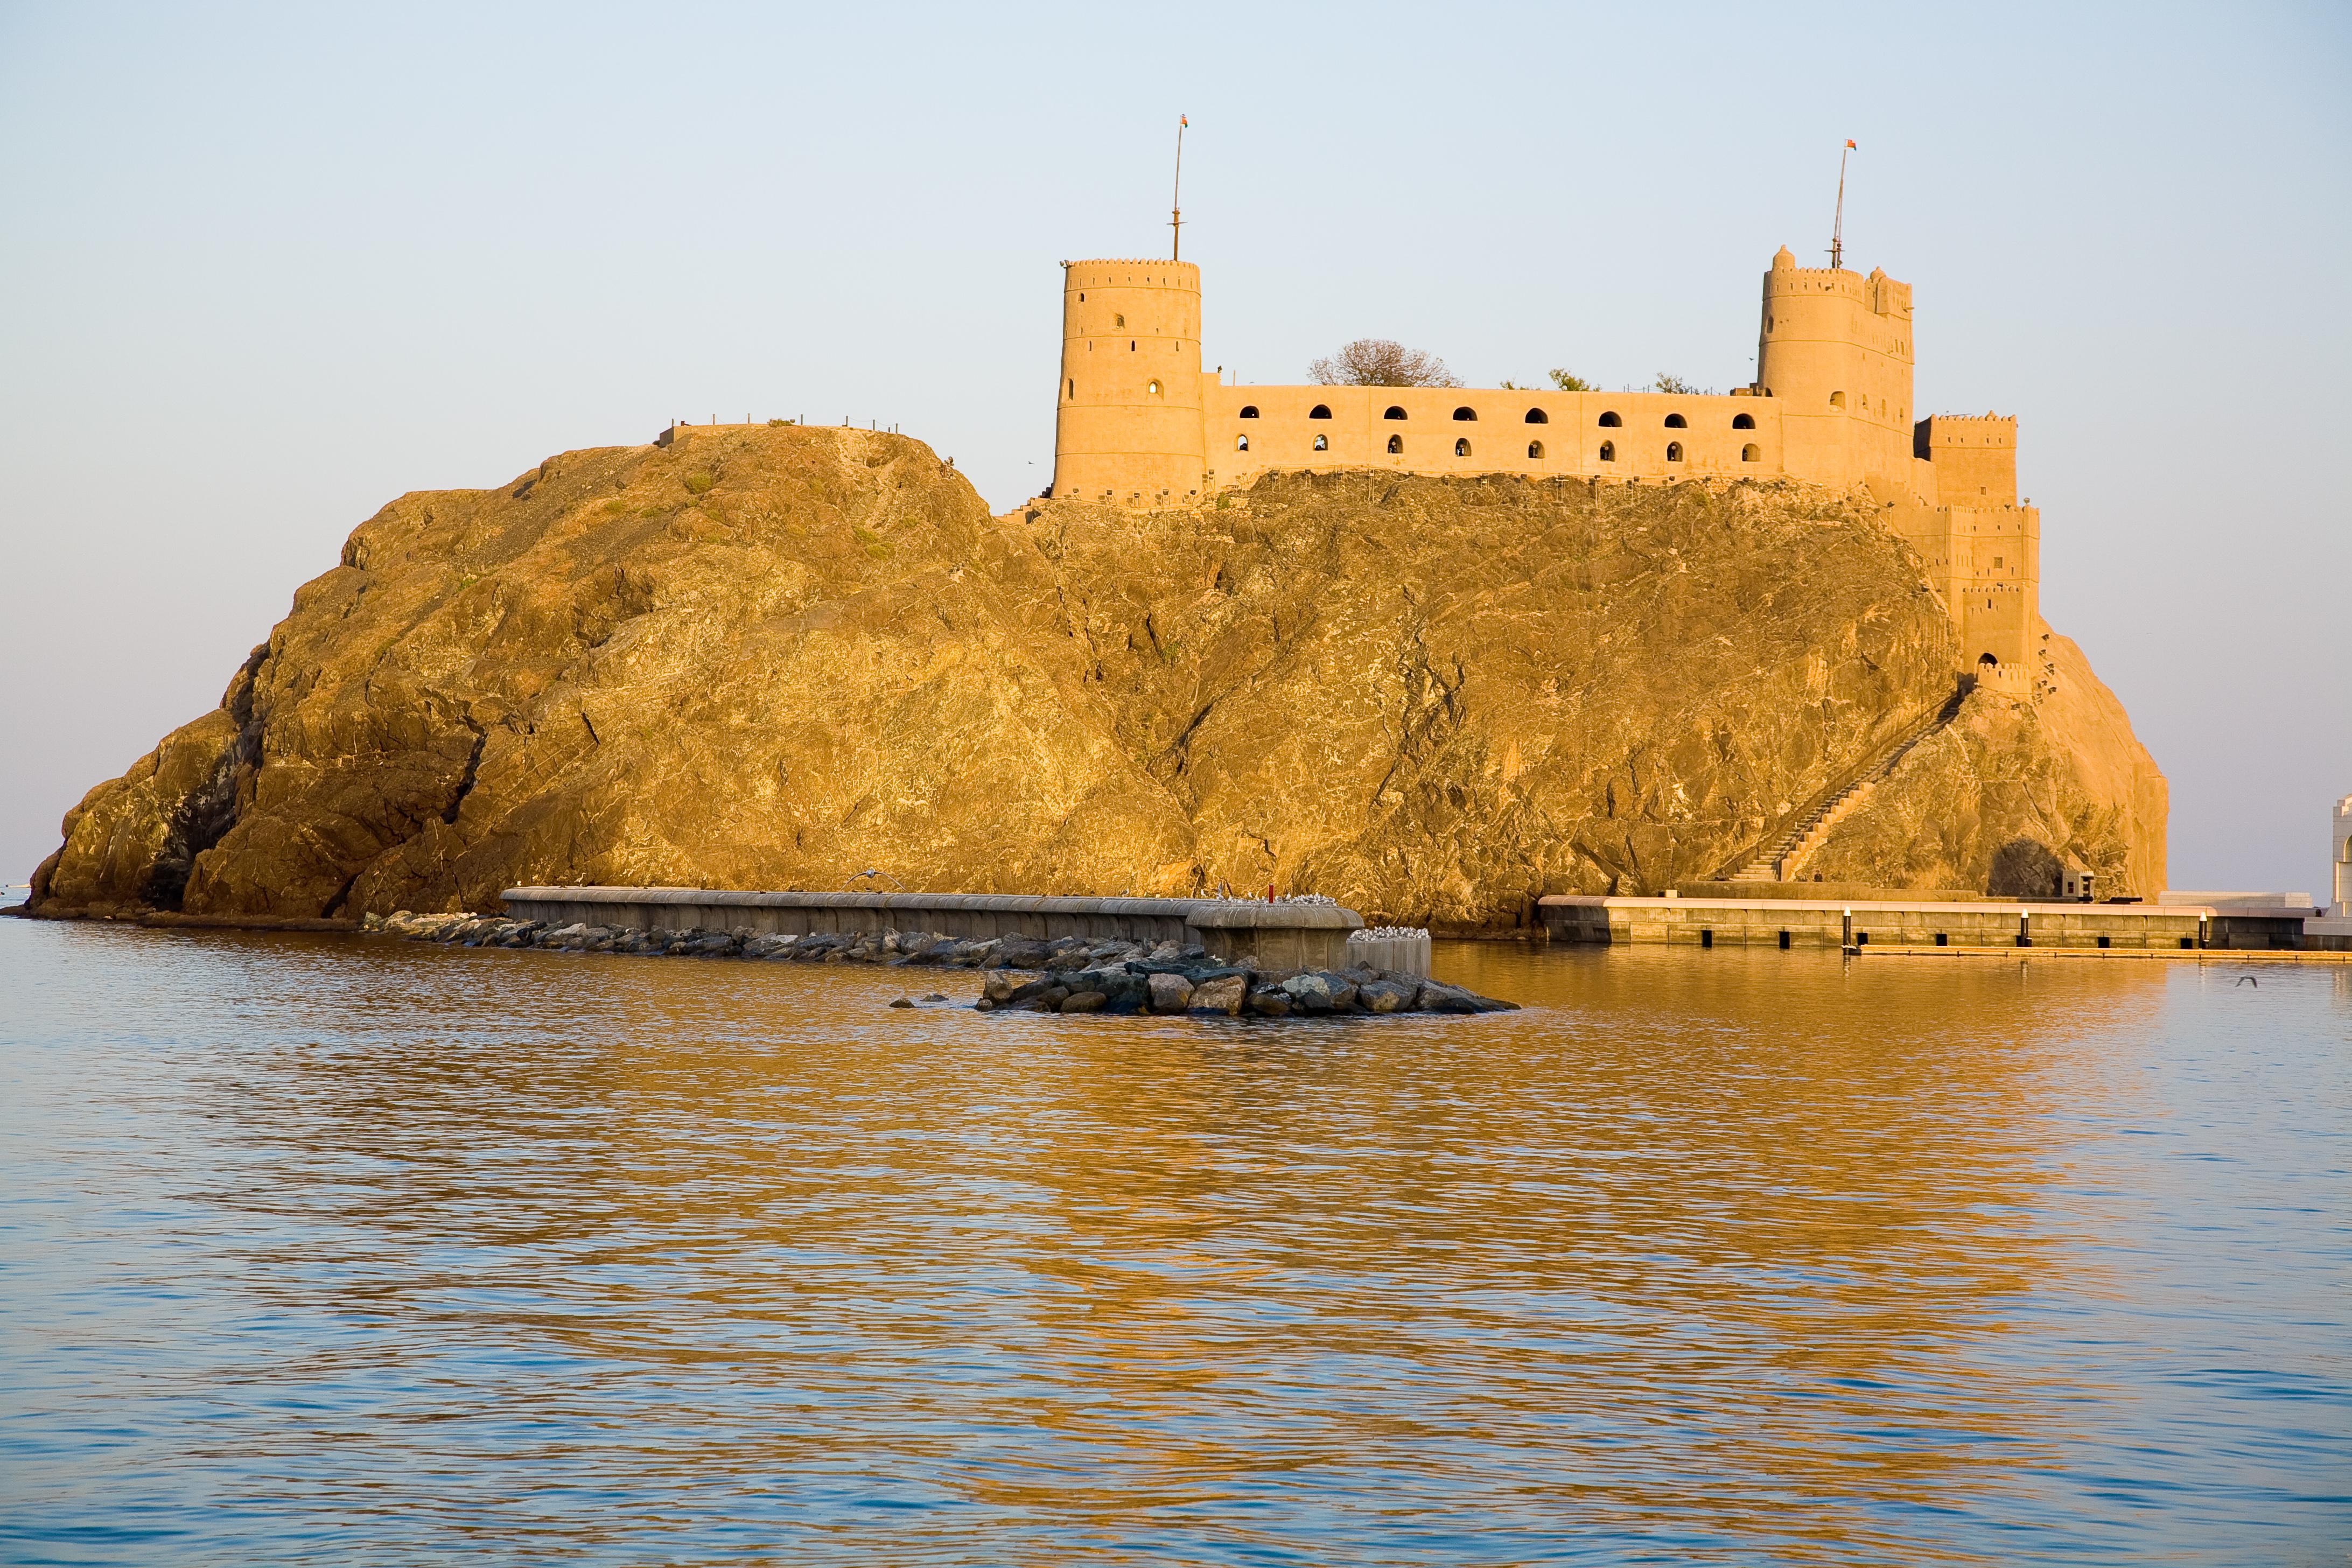 Fort Al-Jalali